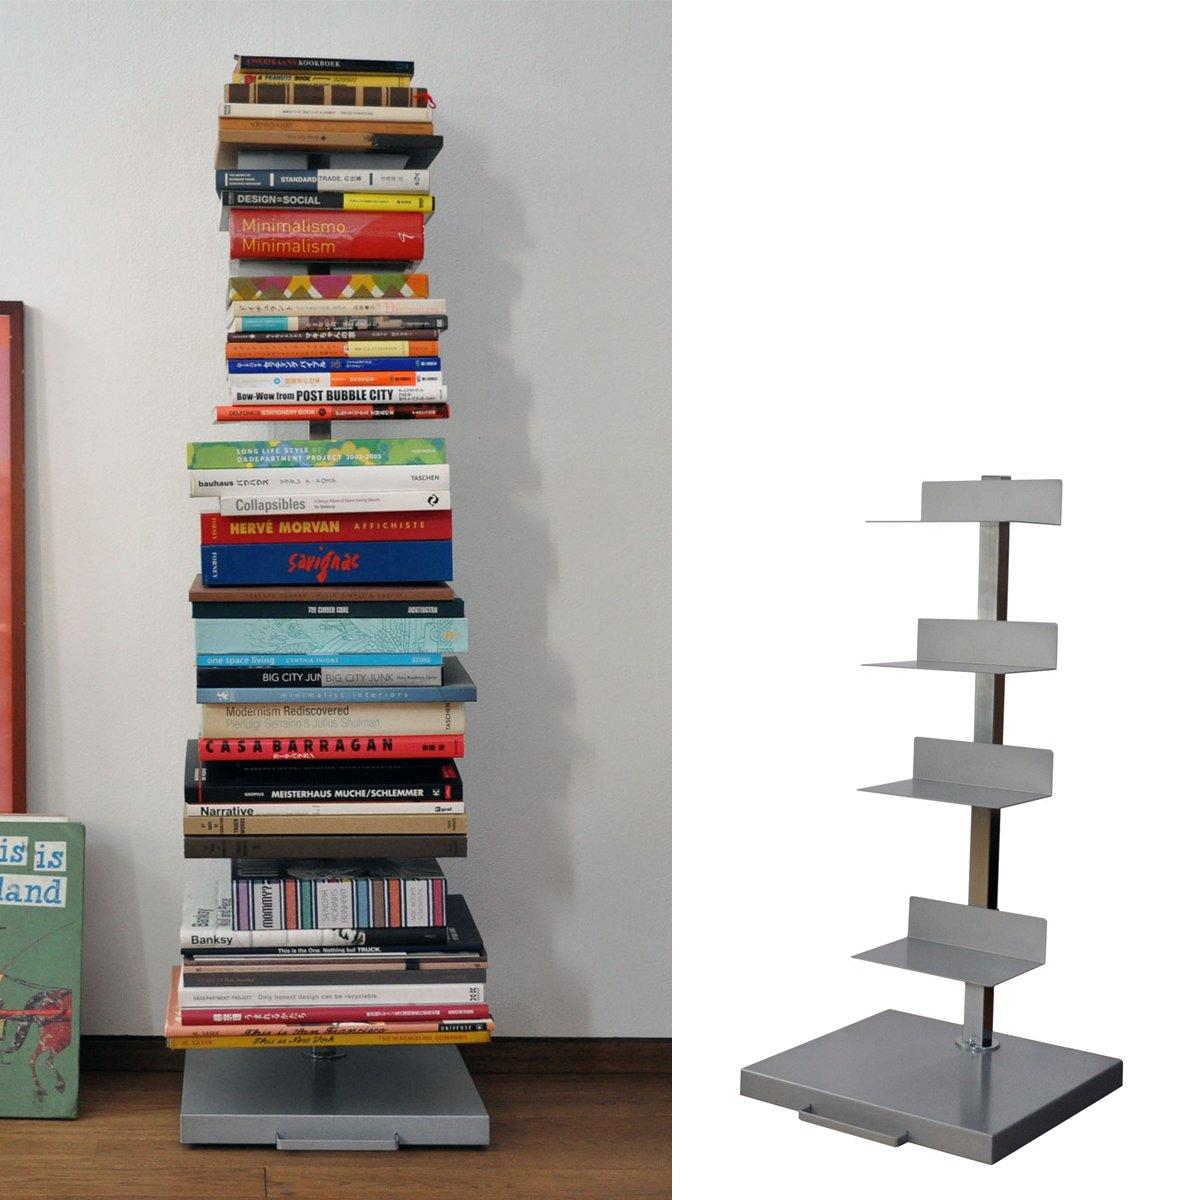 ブックタワー キャスター付 ディスプレイ 平置き 本棚 書棚 日本製 おしゃれ 金属 シンプル 幅30 (ハイタイプ) B07F659GFF ハイタイプ  ハイタイプ